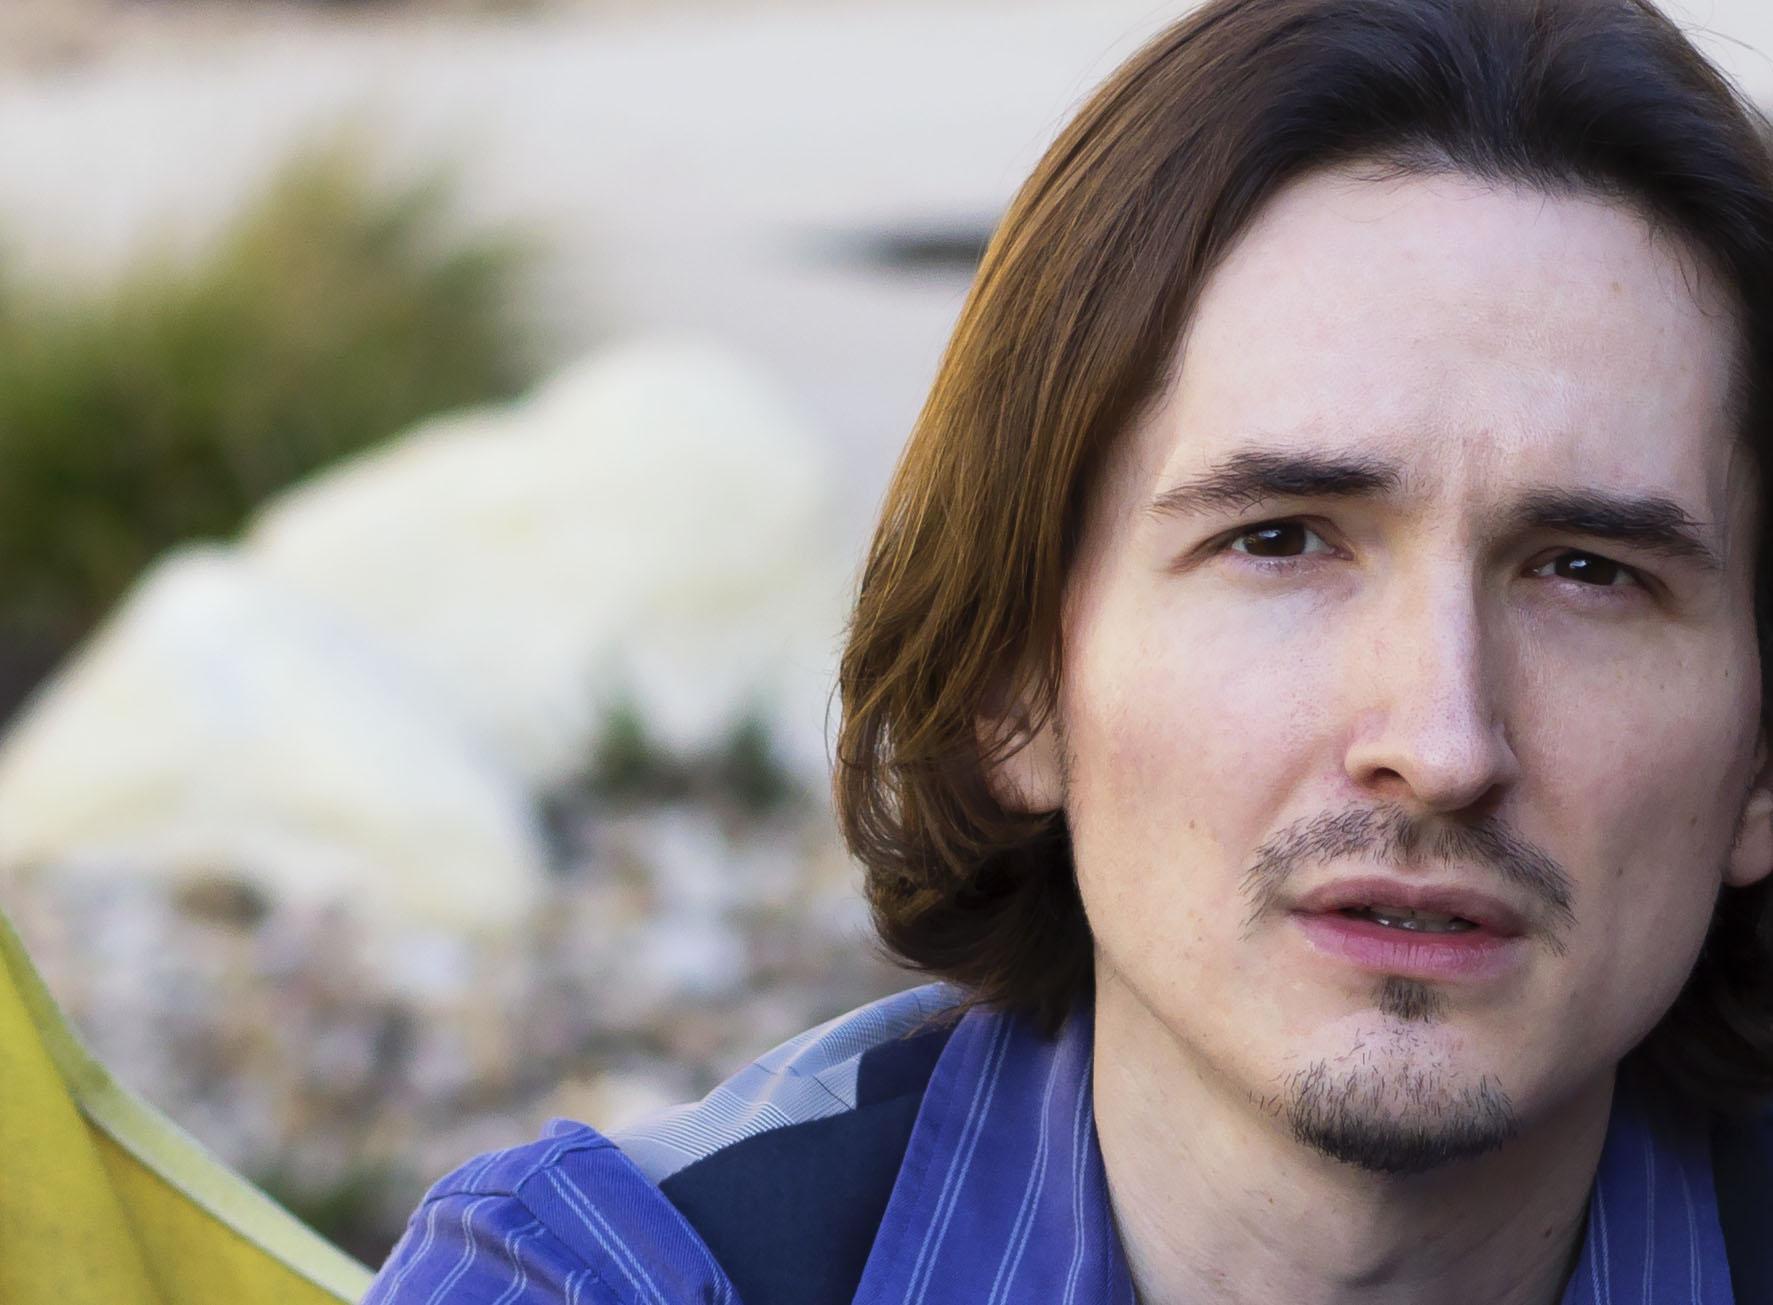 Boulder co dating geen signup dating sites Australië